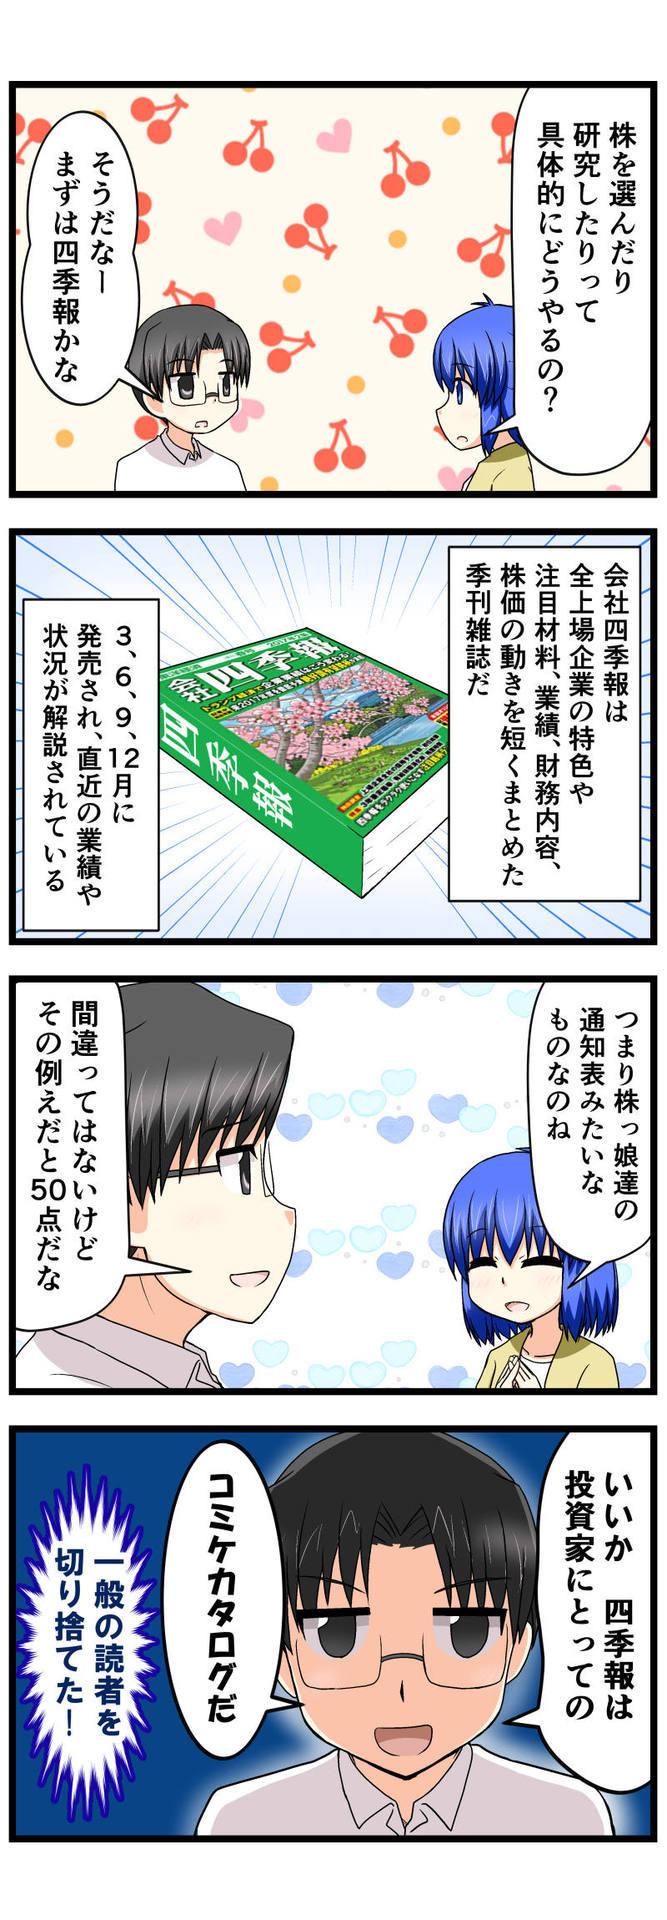 萌える株セミナー40.jpg